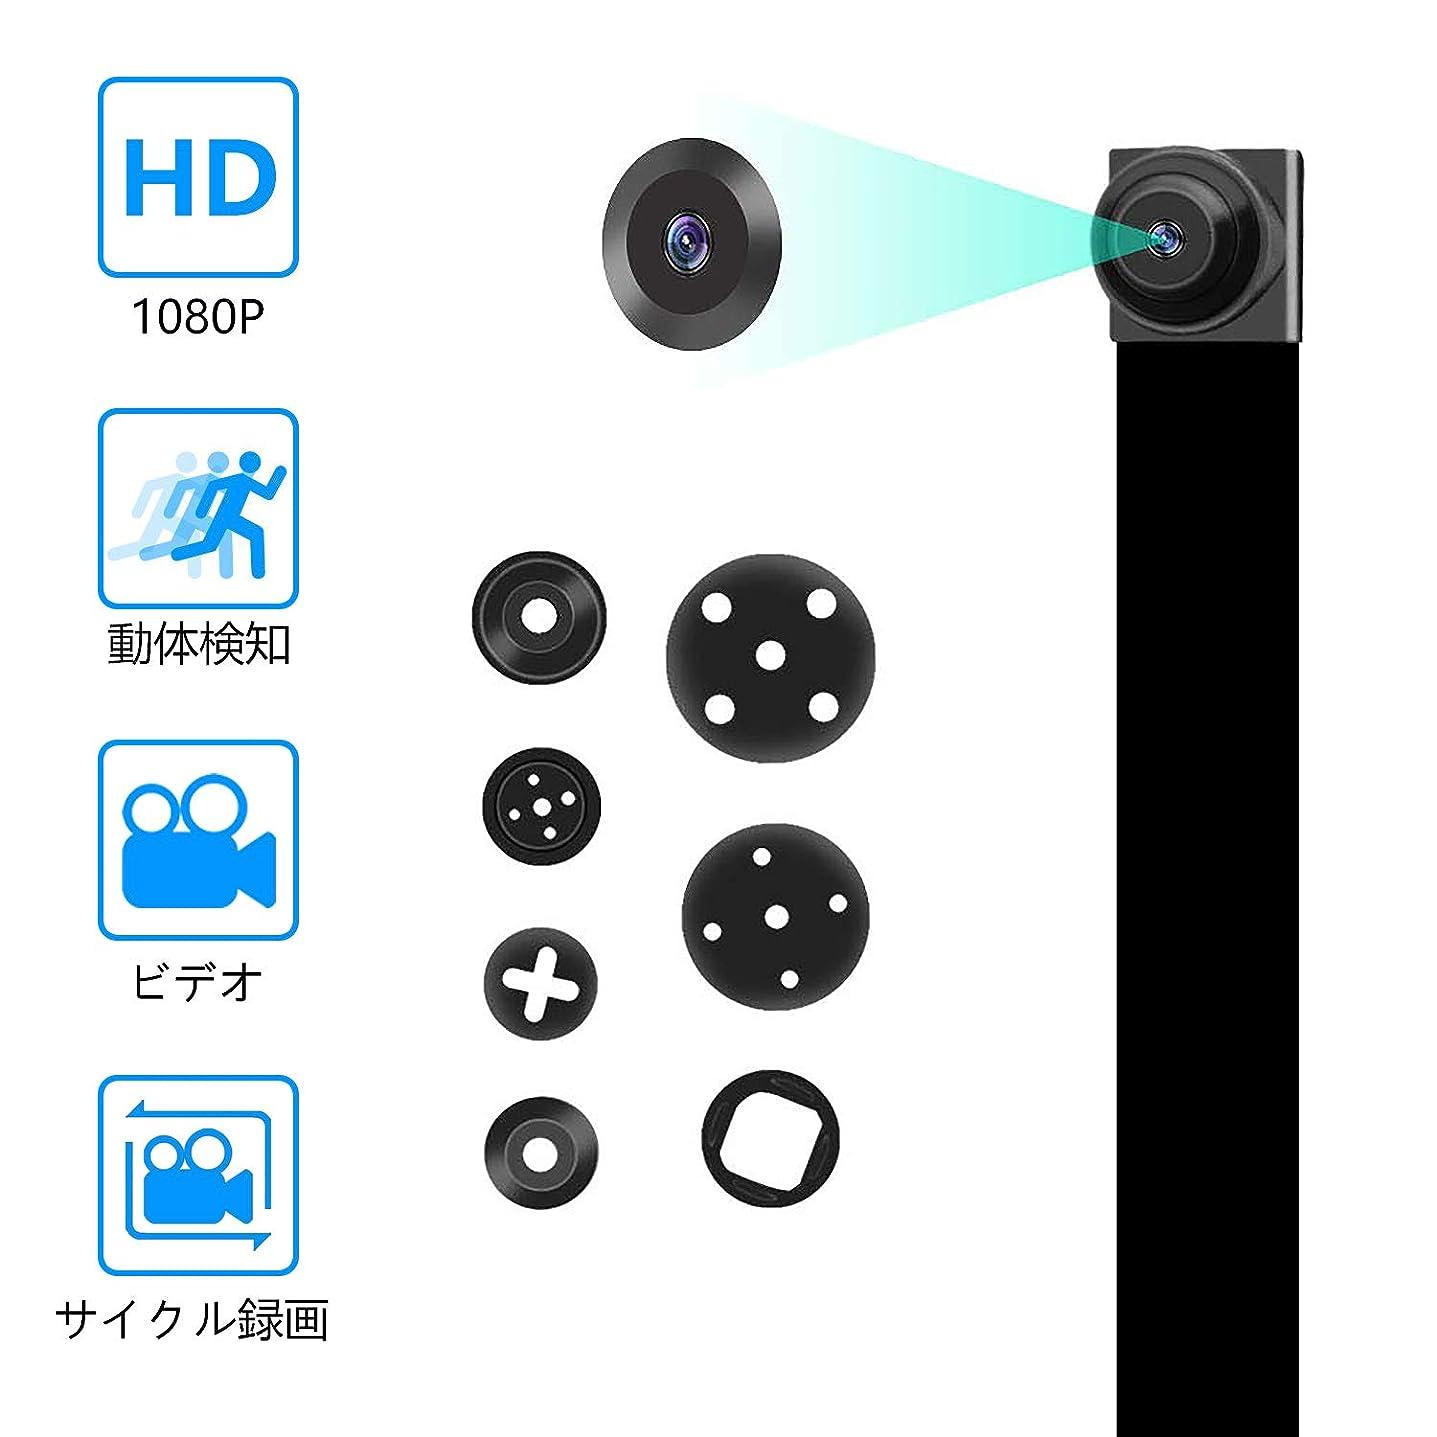 喜ぶ大工落胆する小型カメラ 隠しカメラ 1080P HD 動体検知 スパイカメラ 長時間録画対応 防犯監視カメラ 屋内屋外 ミニカメラ 内蔵バッテリ 携帯型 盗撮カメラ 日本語取扱